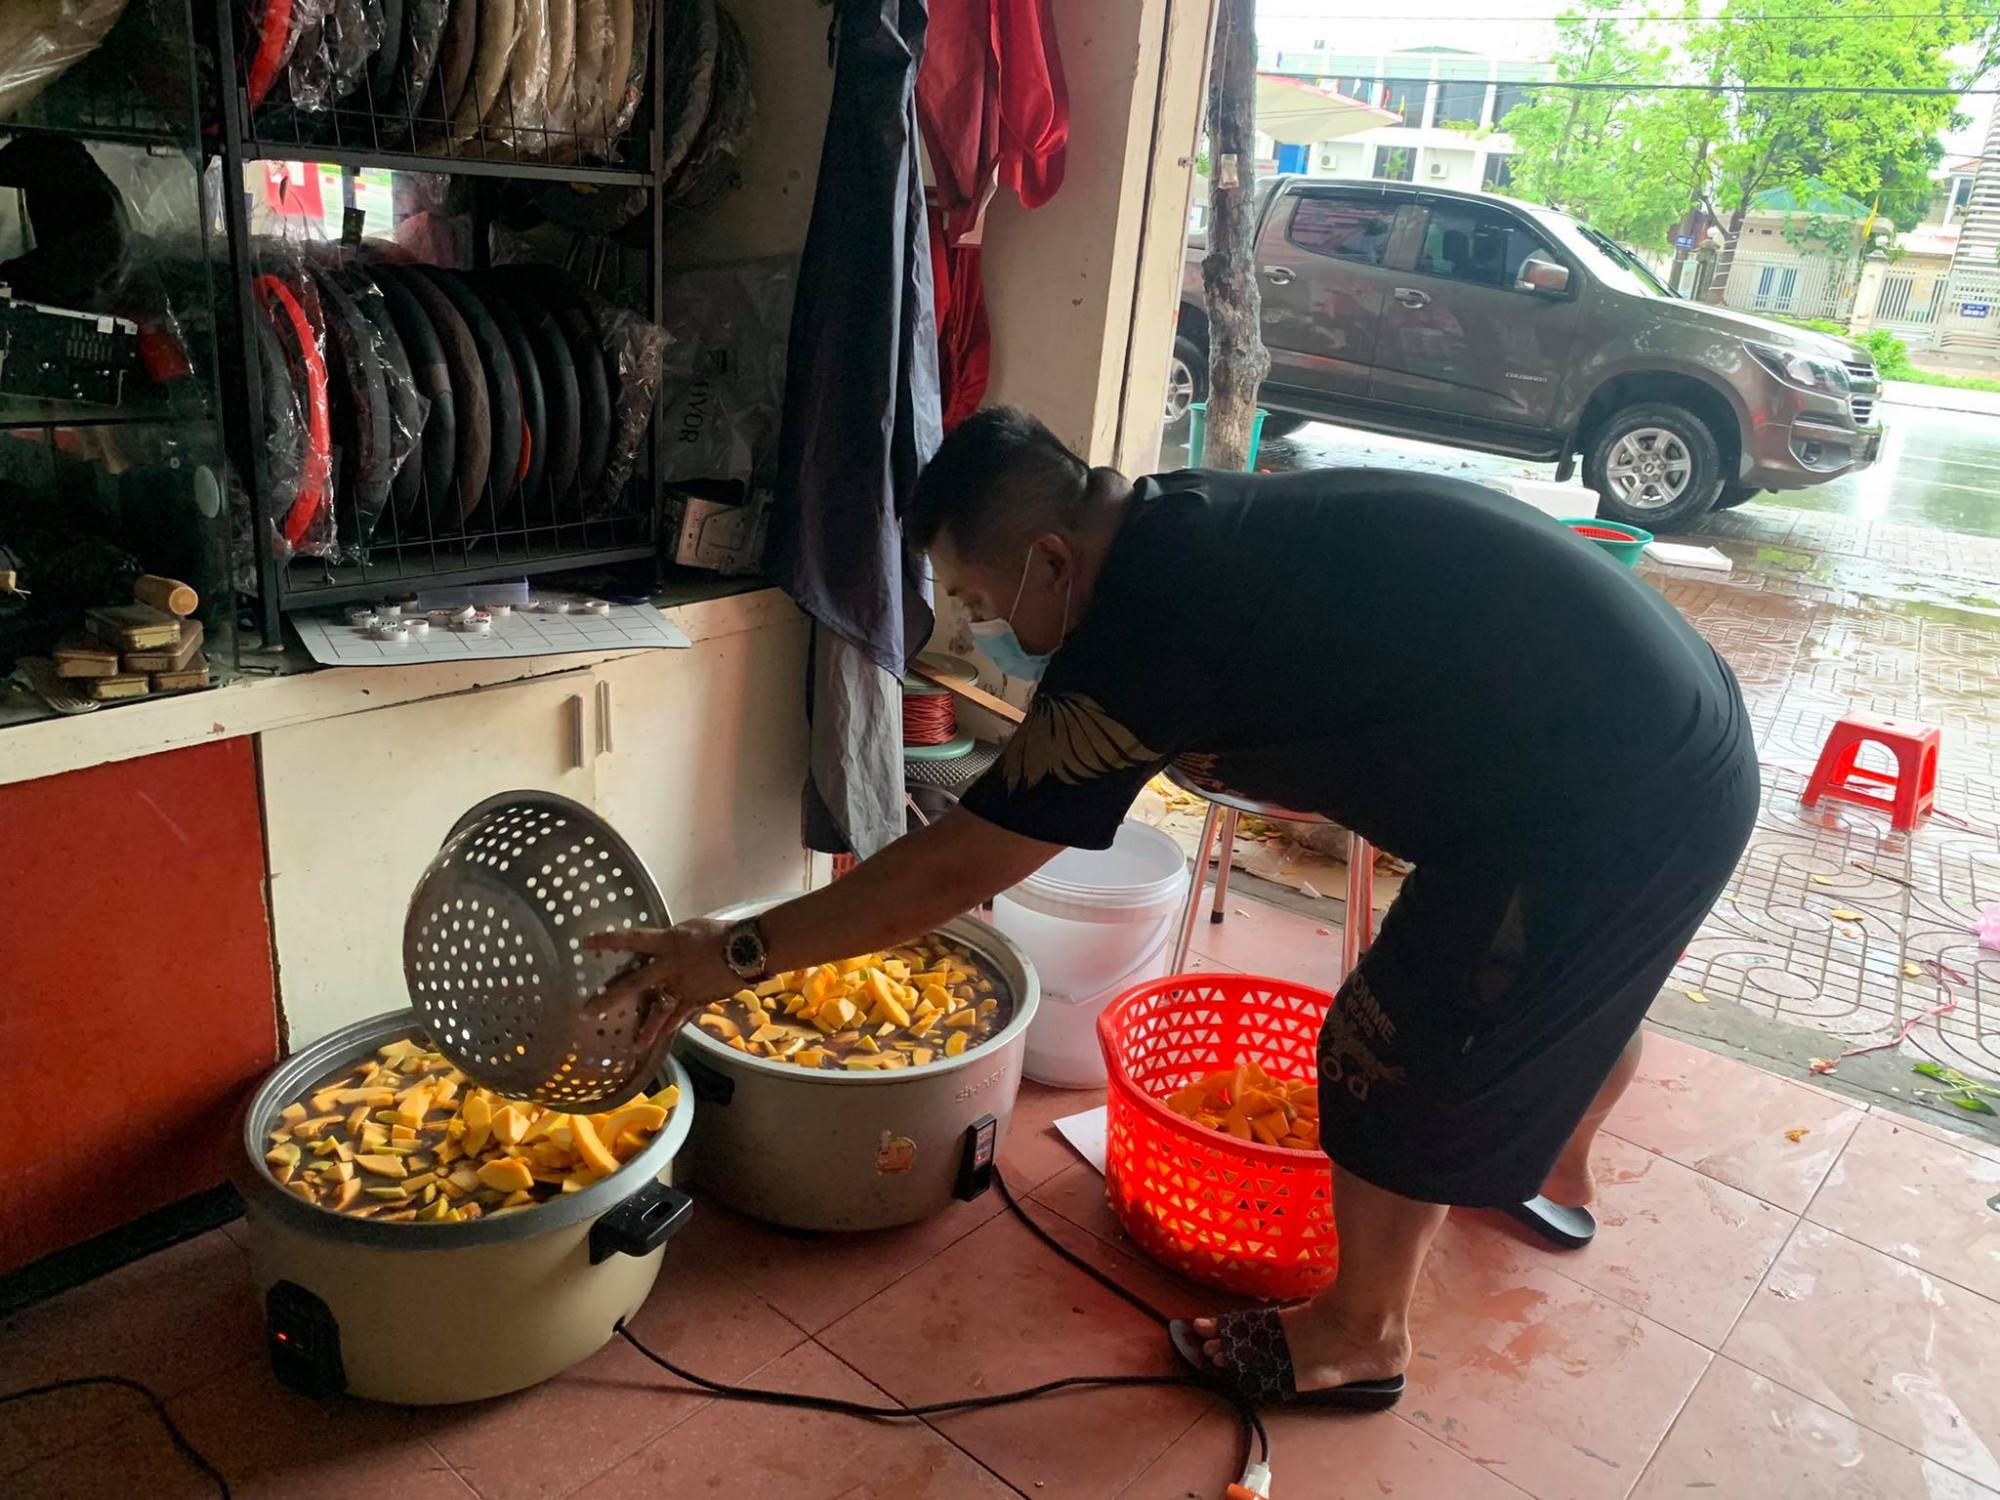 Từ những ông chồng không biết đi chợ, nấu ăn, giờ thì các anh đã thành thạo (Ảnh nhân vật cung cấp)